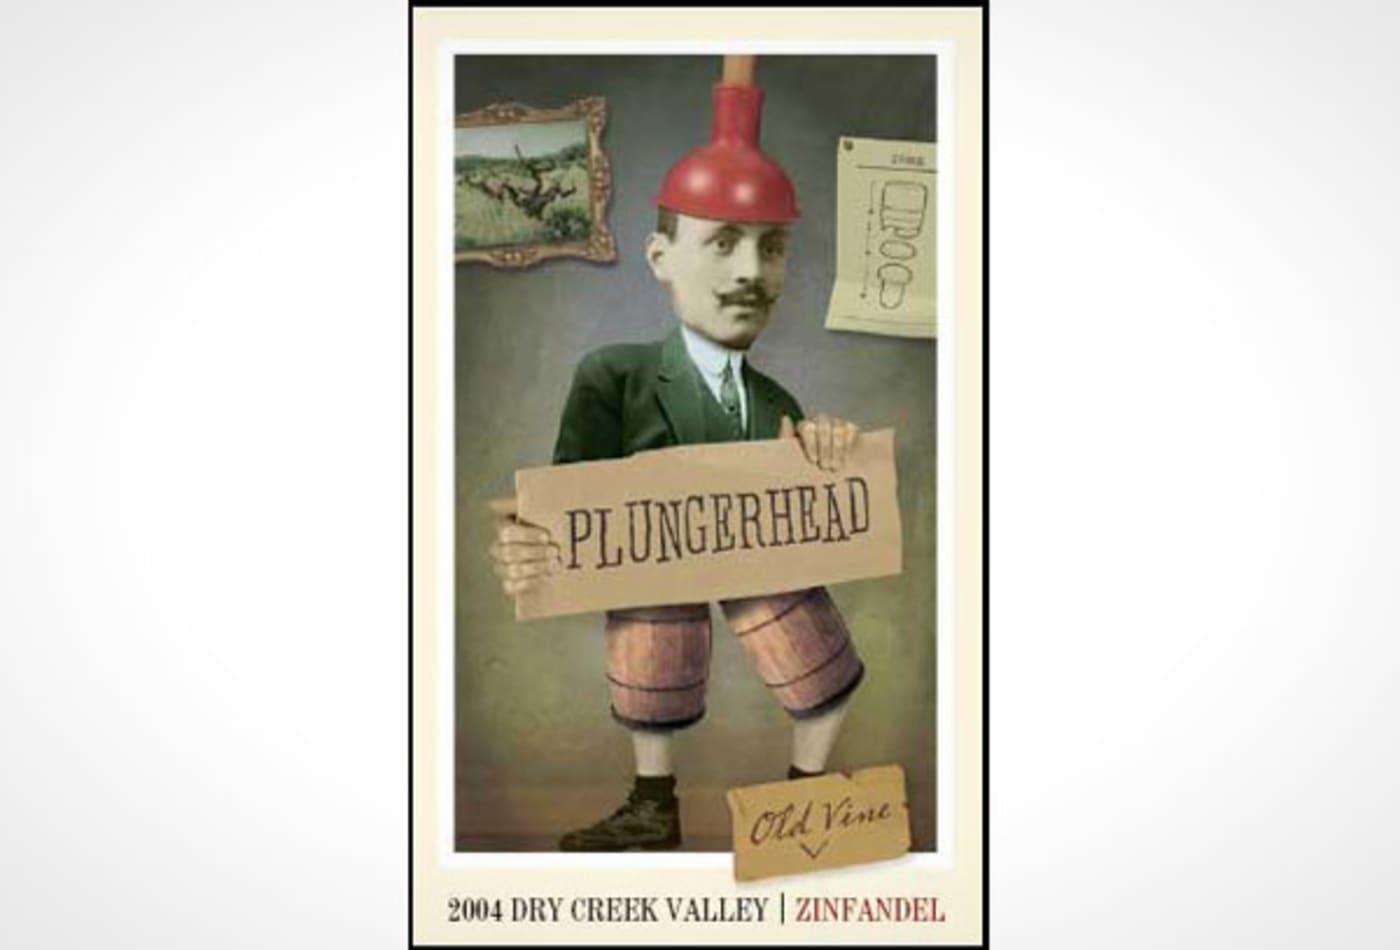 Unique-Wines-plungerhead.jpg